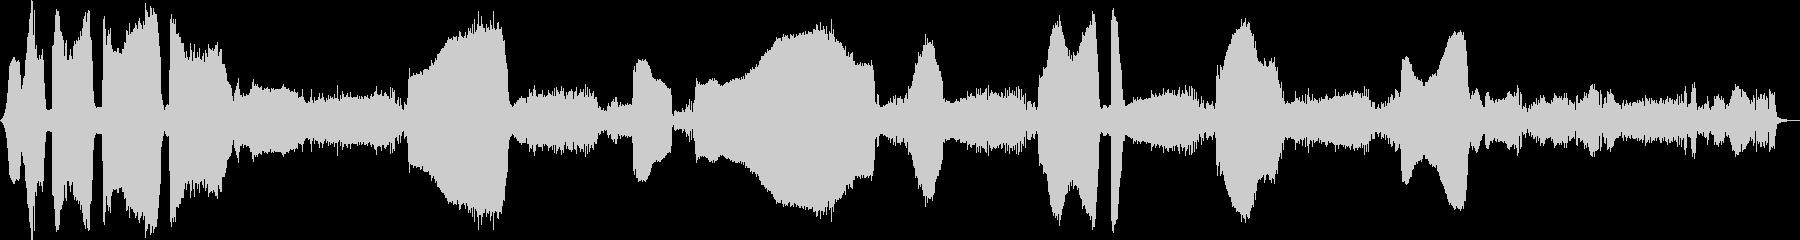 1934アルビスソフトトップサルー...の未再生の波形